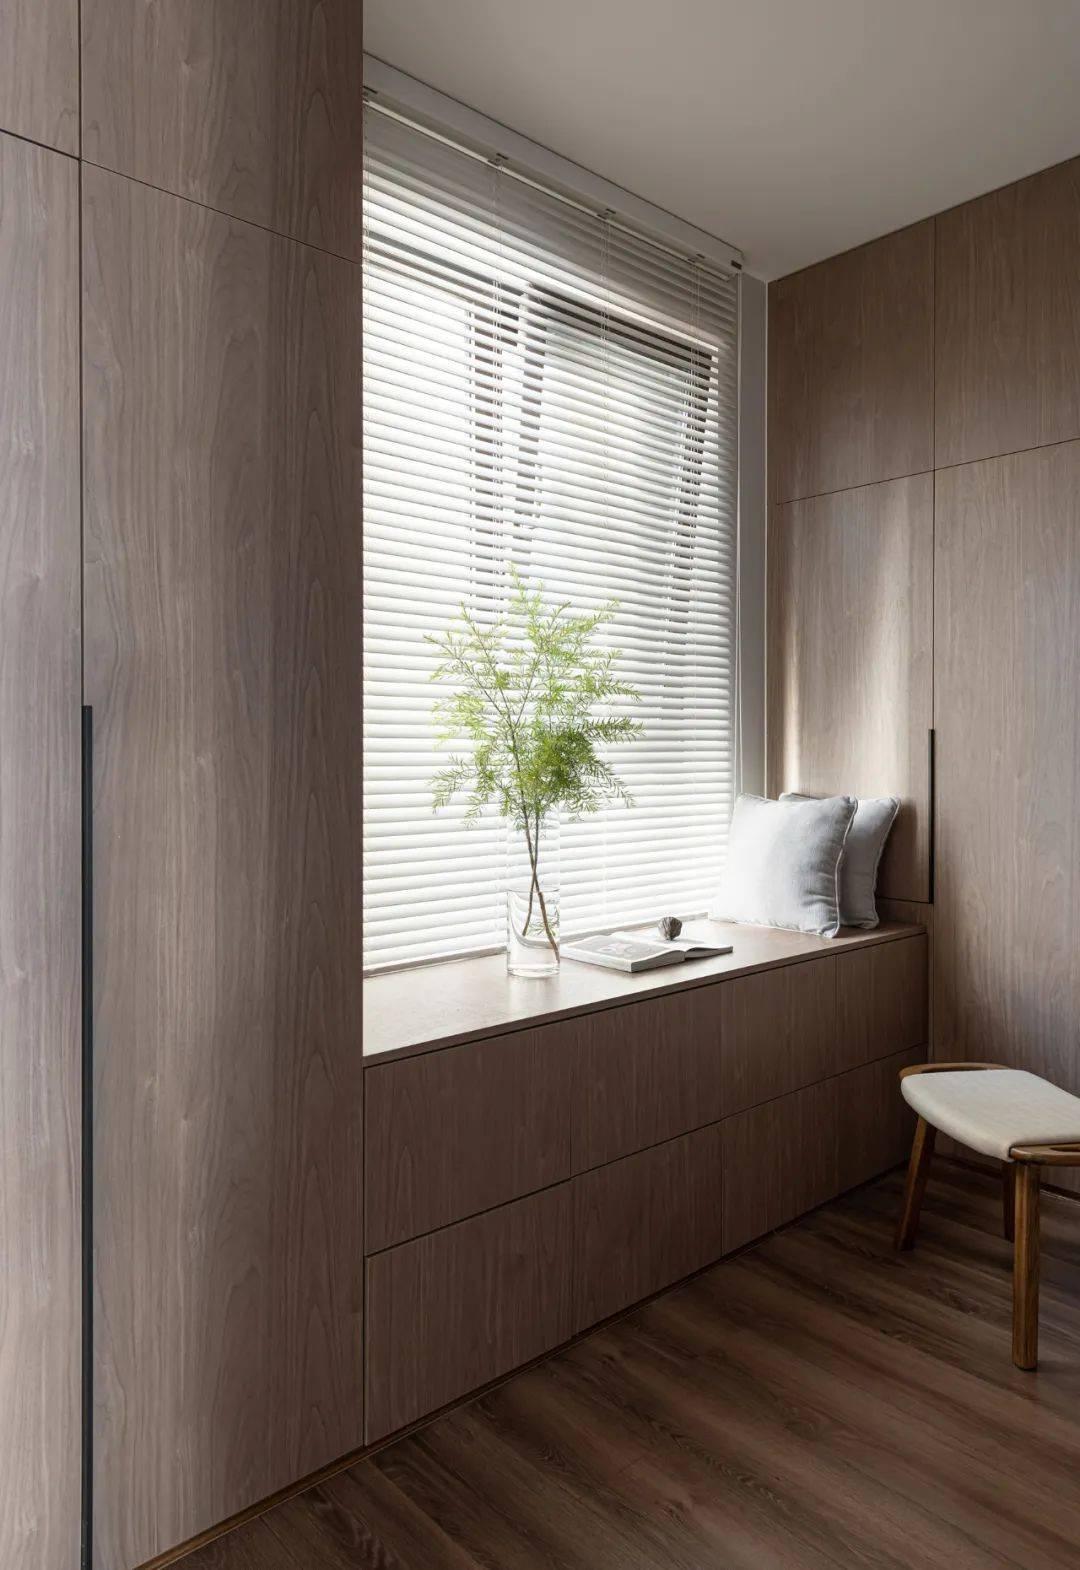 MUJI风家装一体柜兼飘窗设计